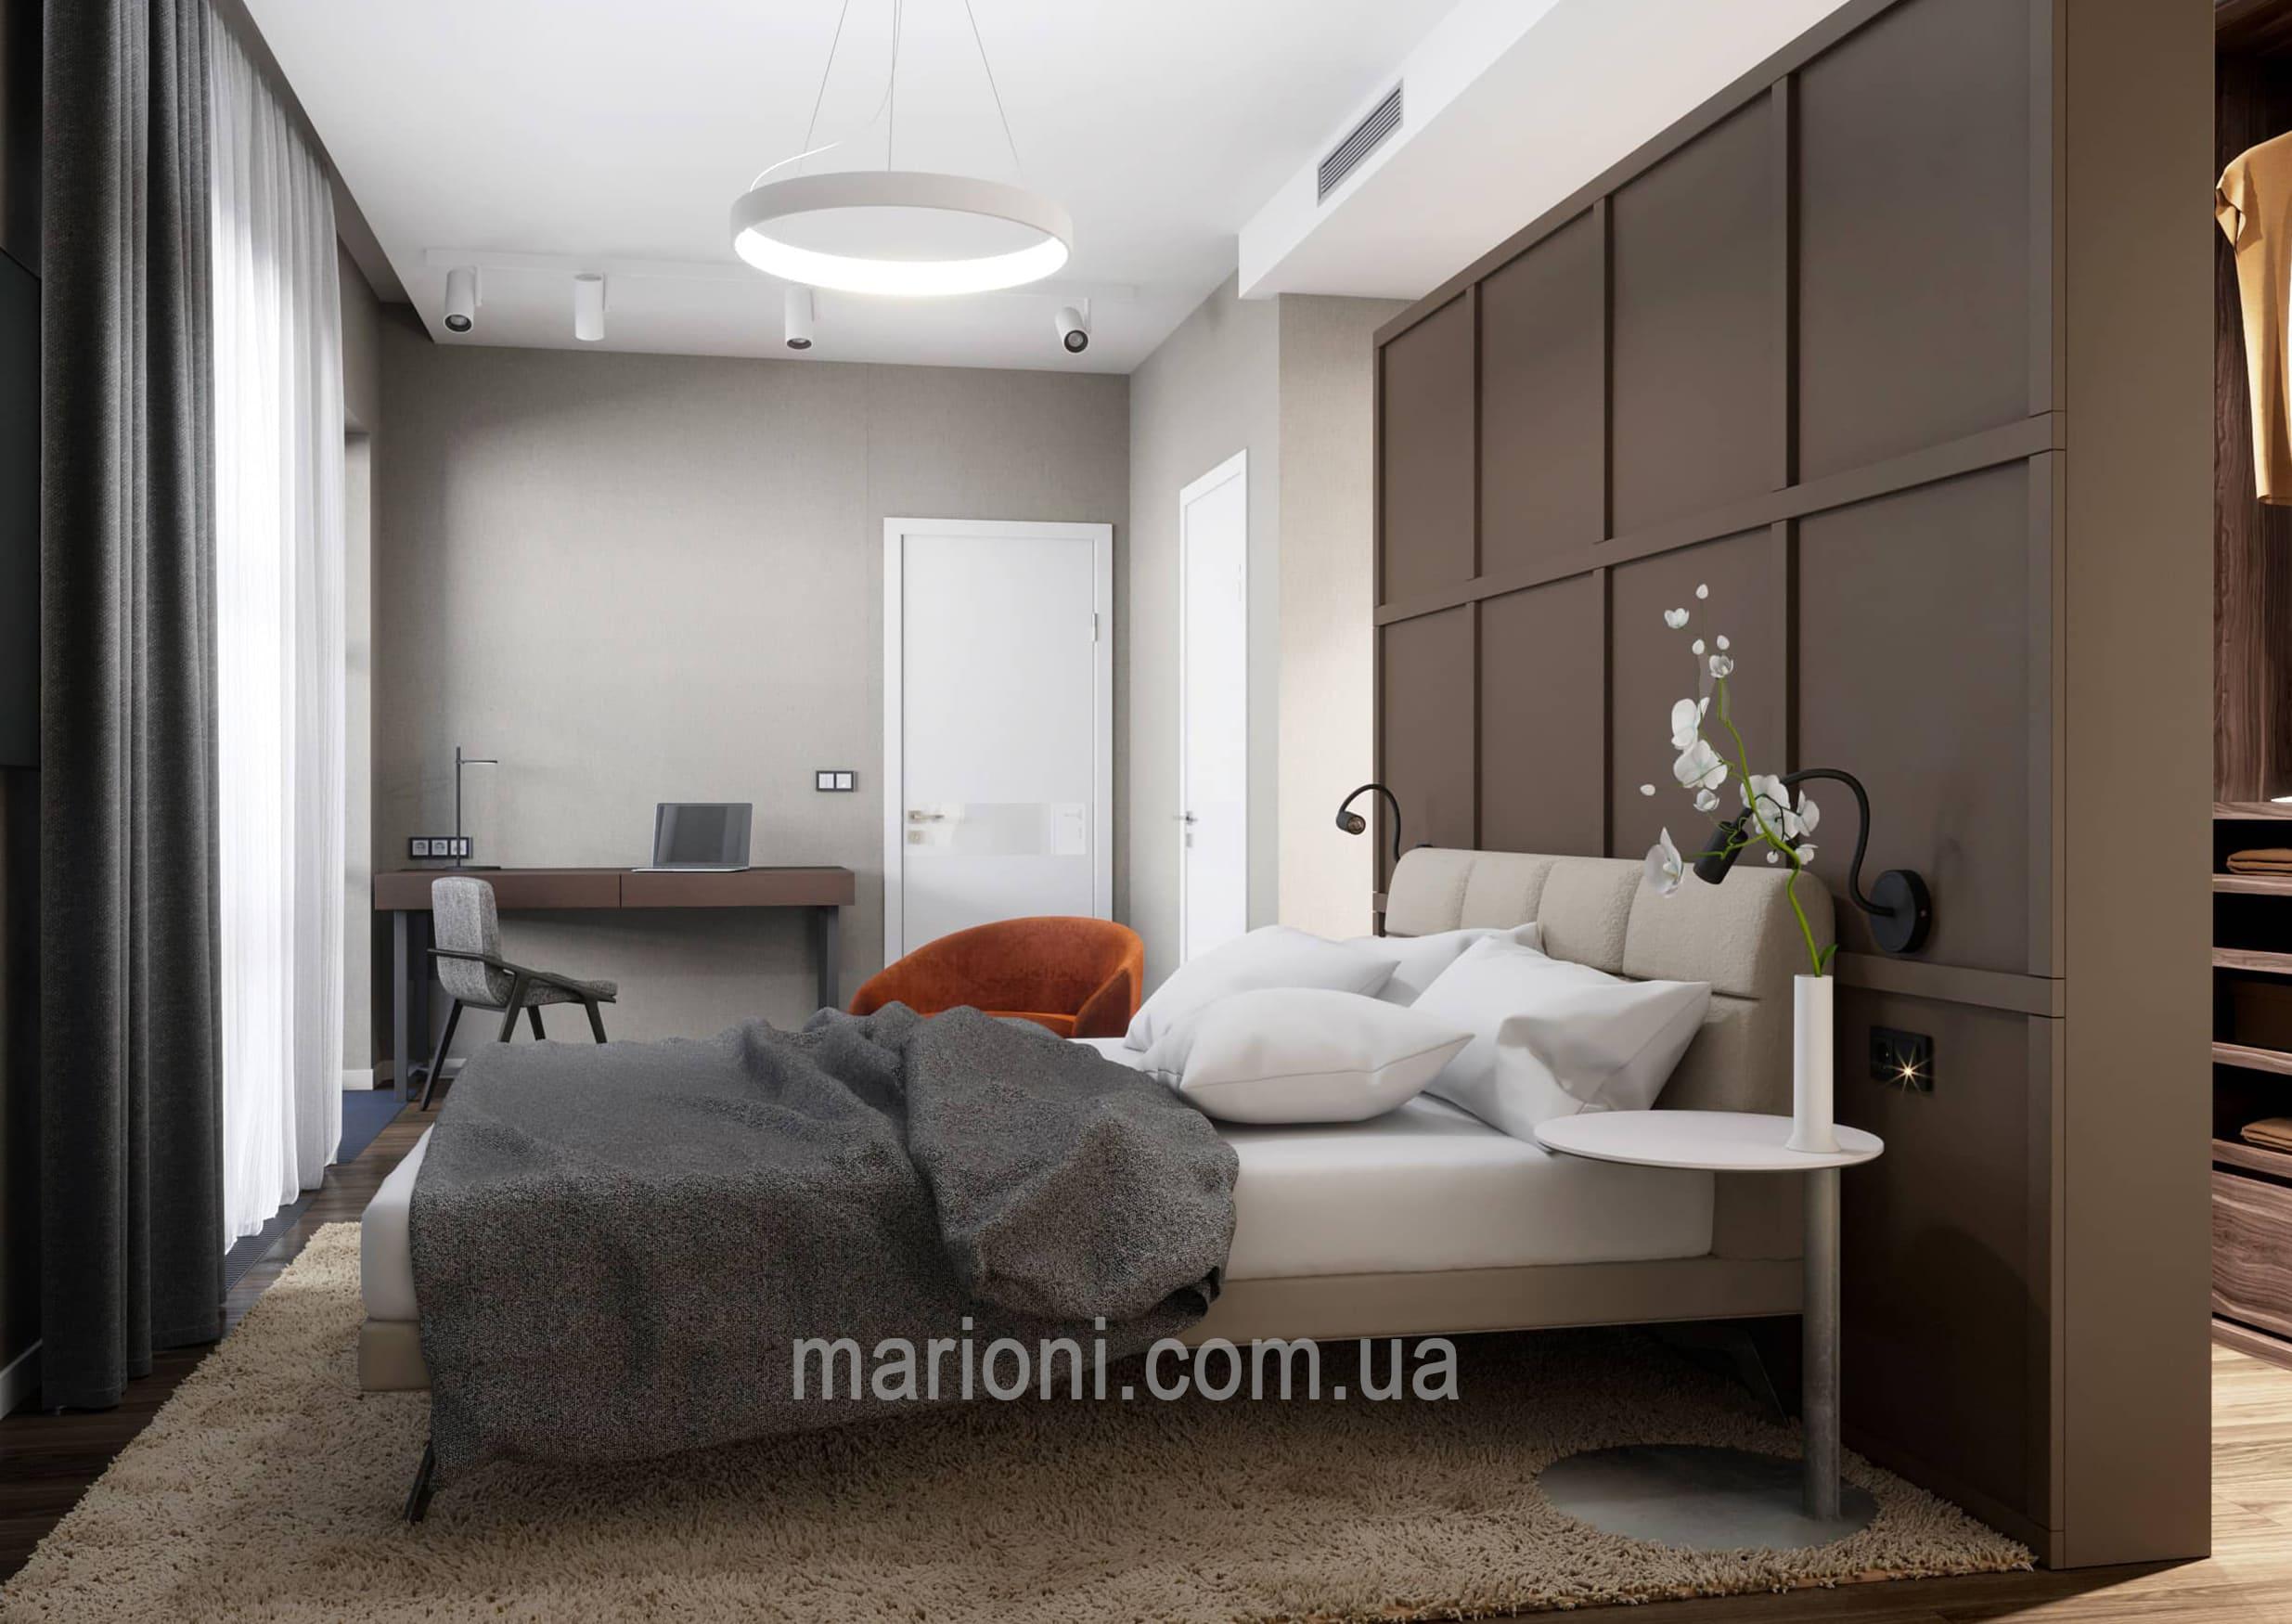 Изображение к проекту Дизайн интерьера 3- комнатной квартиры в жилом комплексе в пгт.Козин